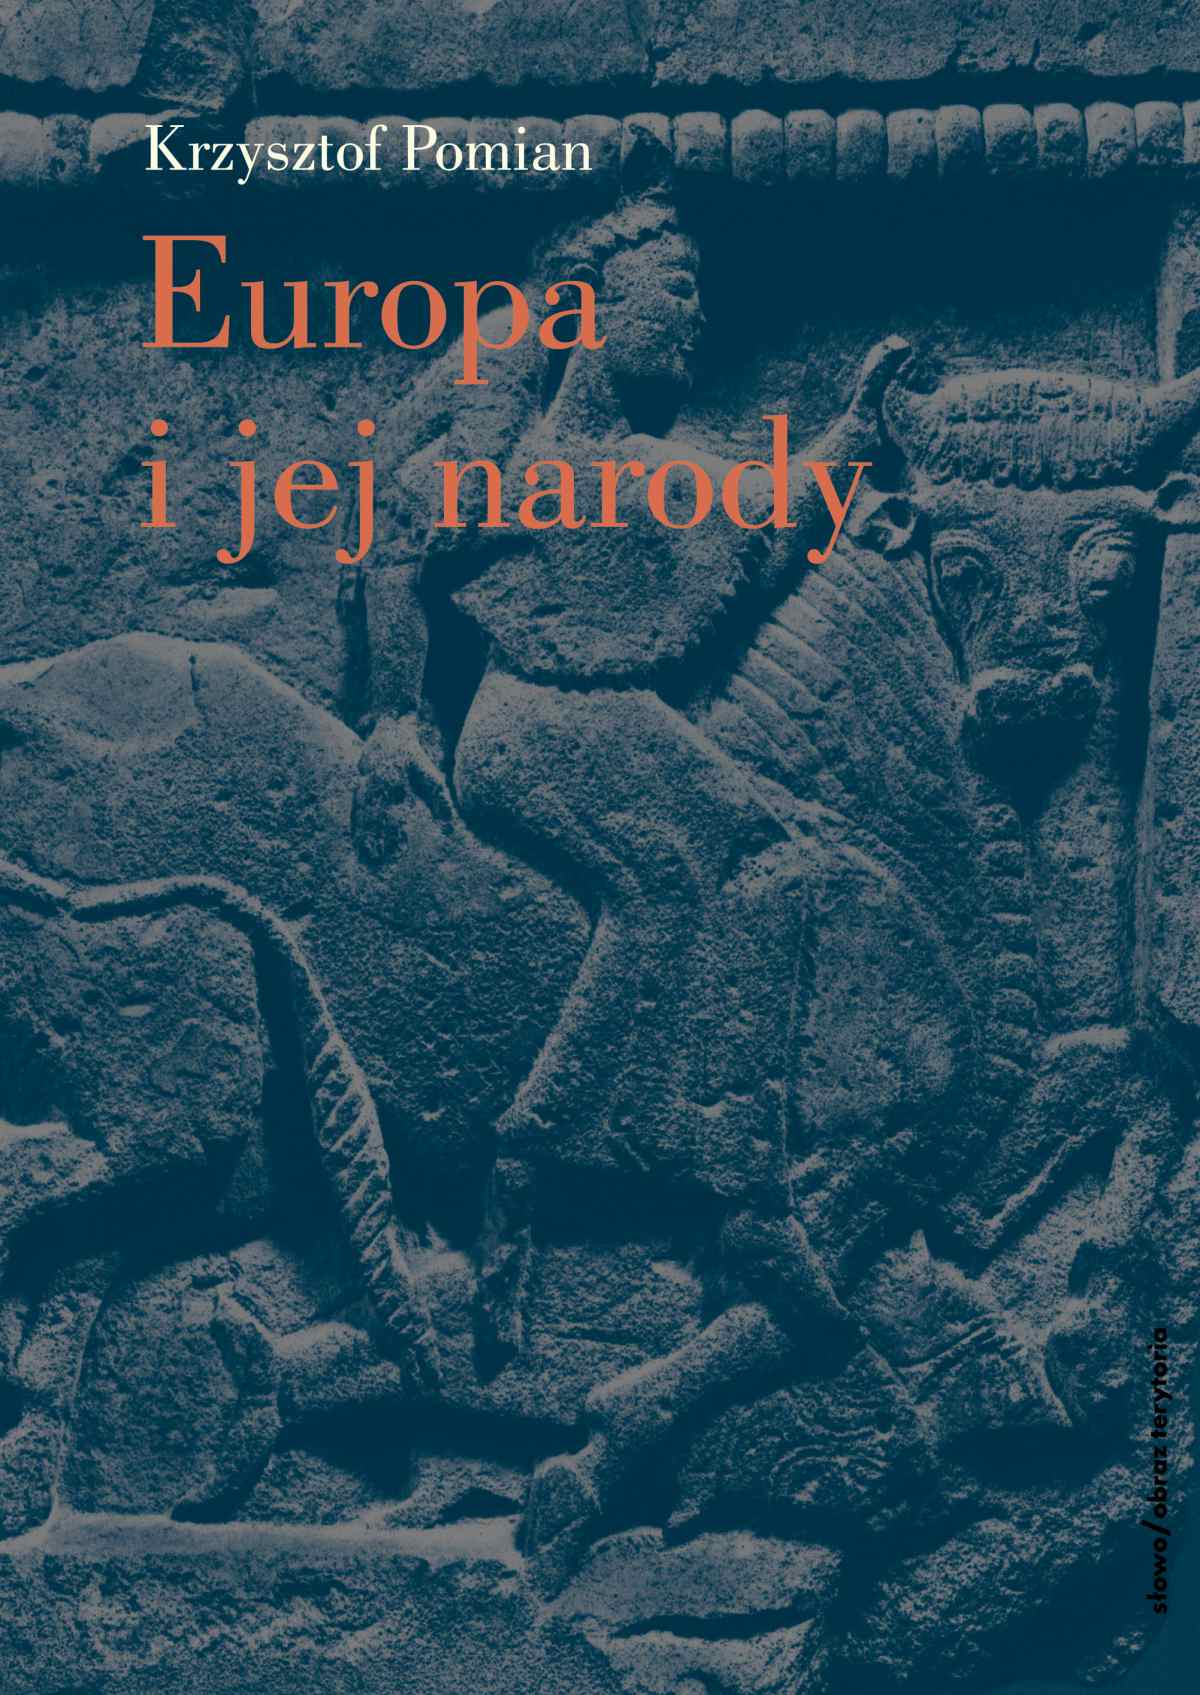 Europa i jej narody - Ebook (Książka na Kindle) do pobrania w formacie MOBI